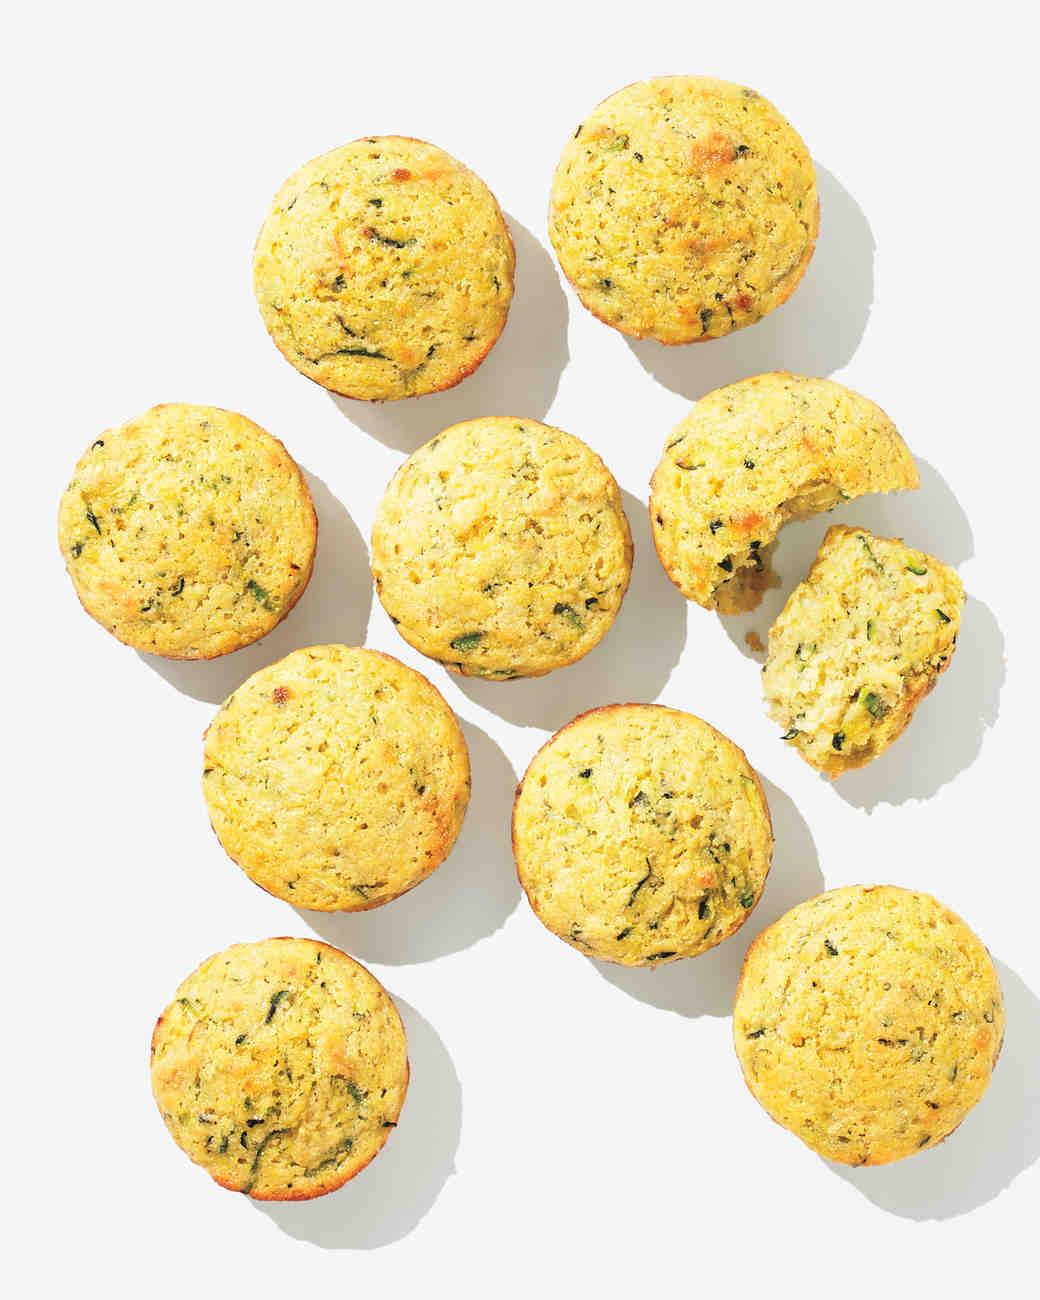 zucchini-muffins-079-d112023.jpg